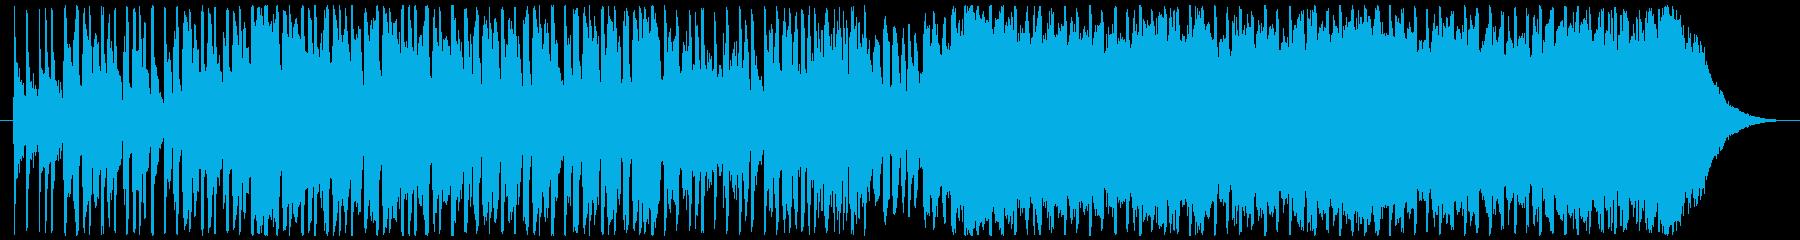 和楽器とEDMが融合したあげぽよな曲の再生済みの波形